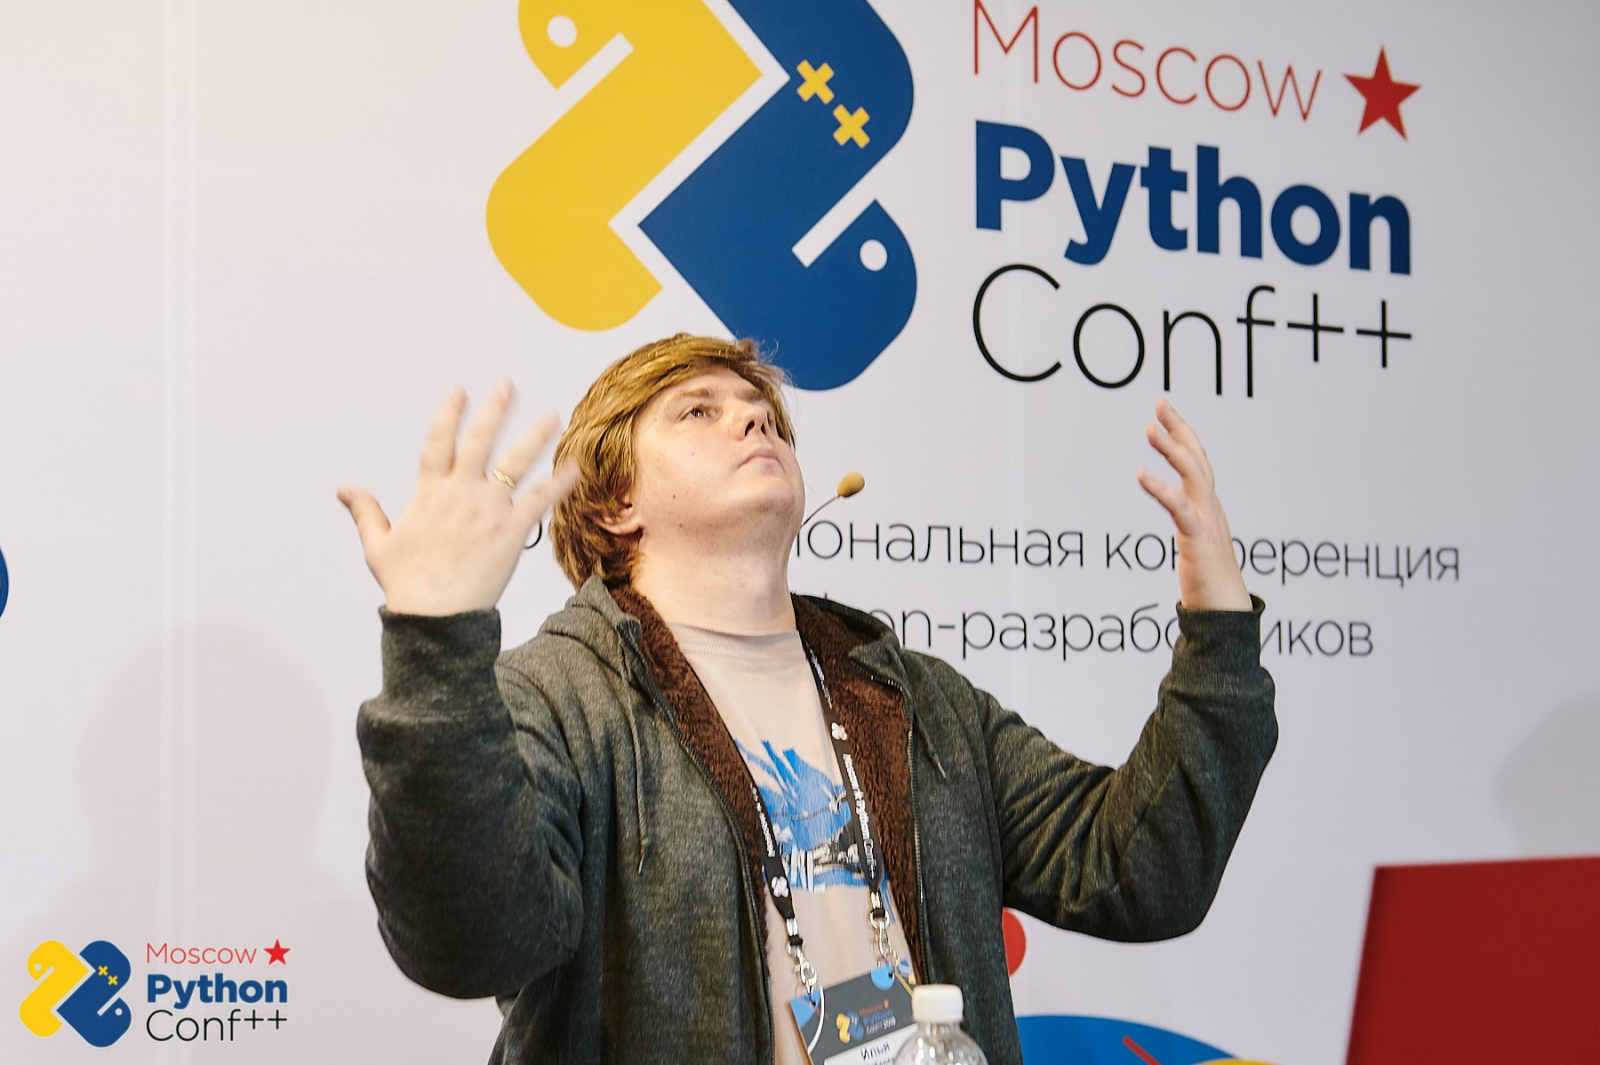 На Moscow Python Conf++ приходите поговорить с разработчиками языка - 1